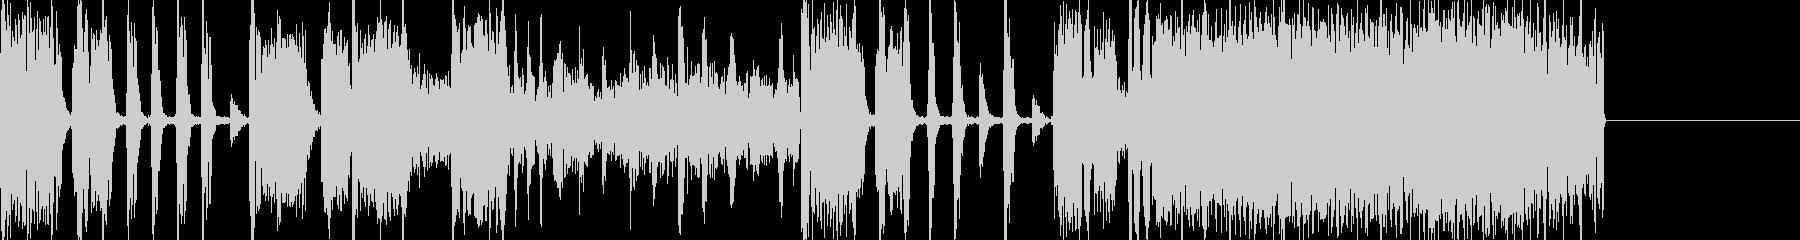 クールなビートのエレクトロジングル1の未再生の波形